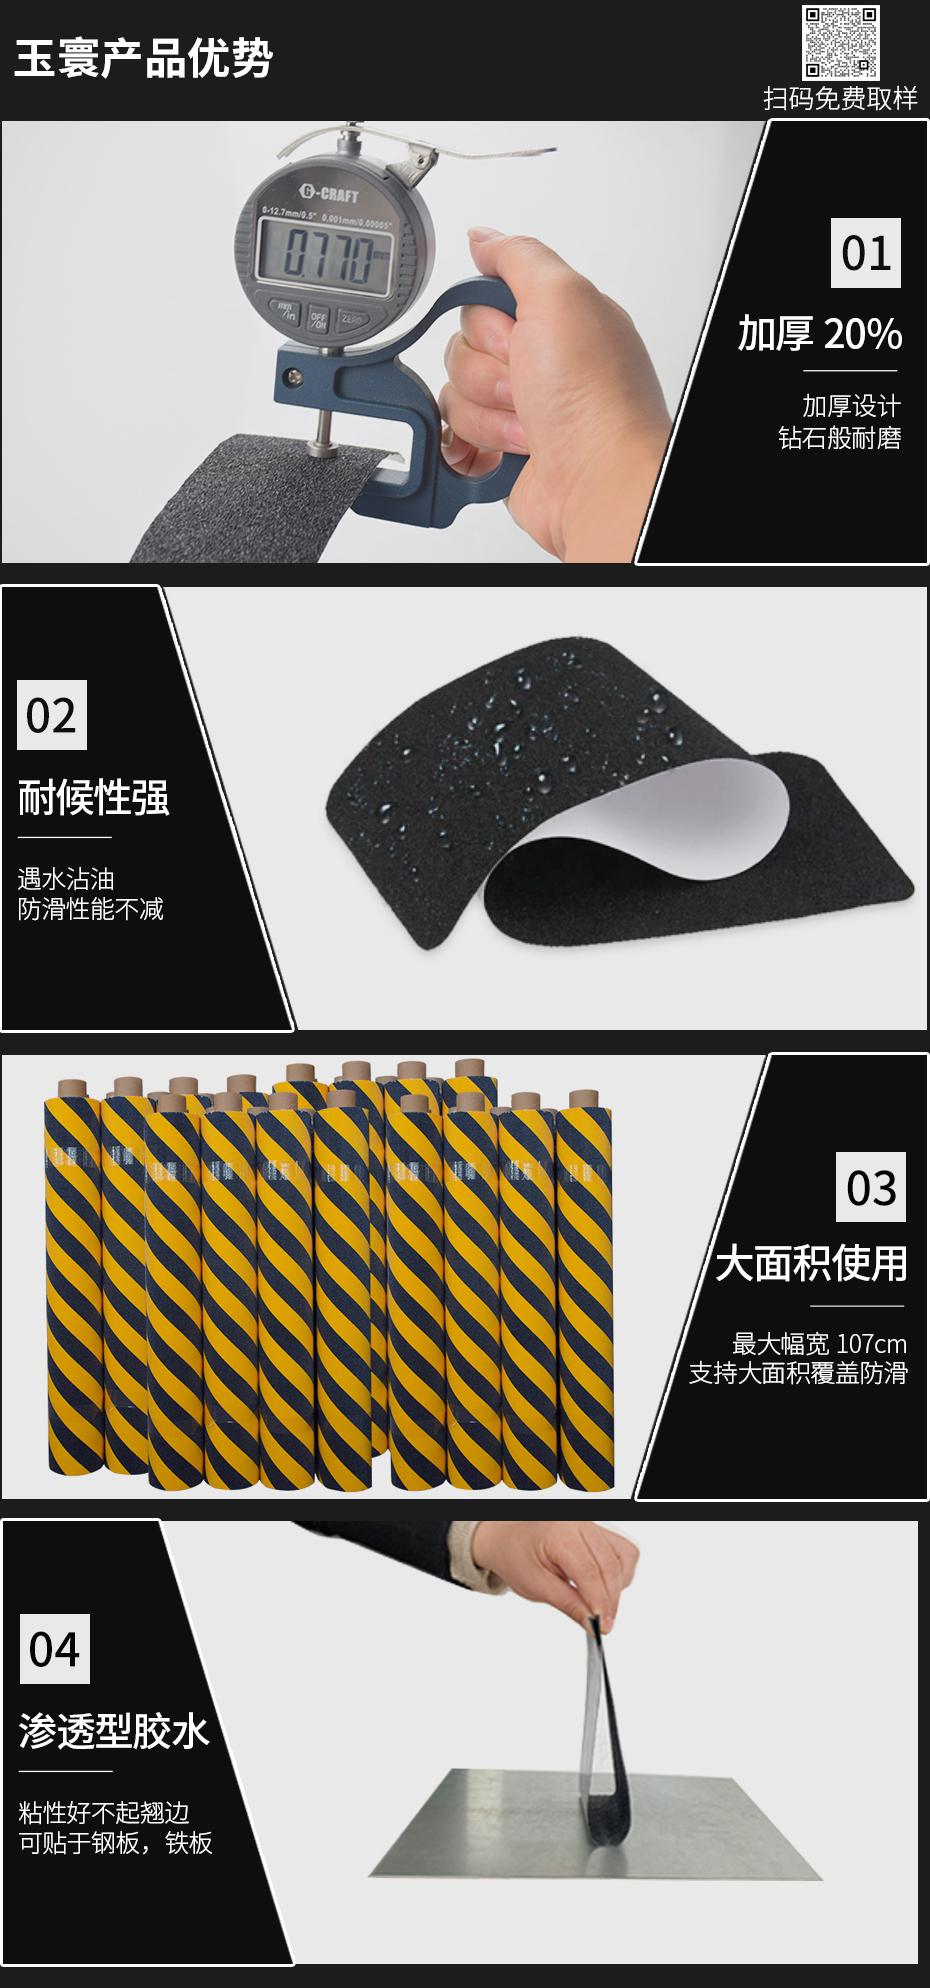 防滑胶带应用